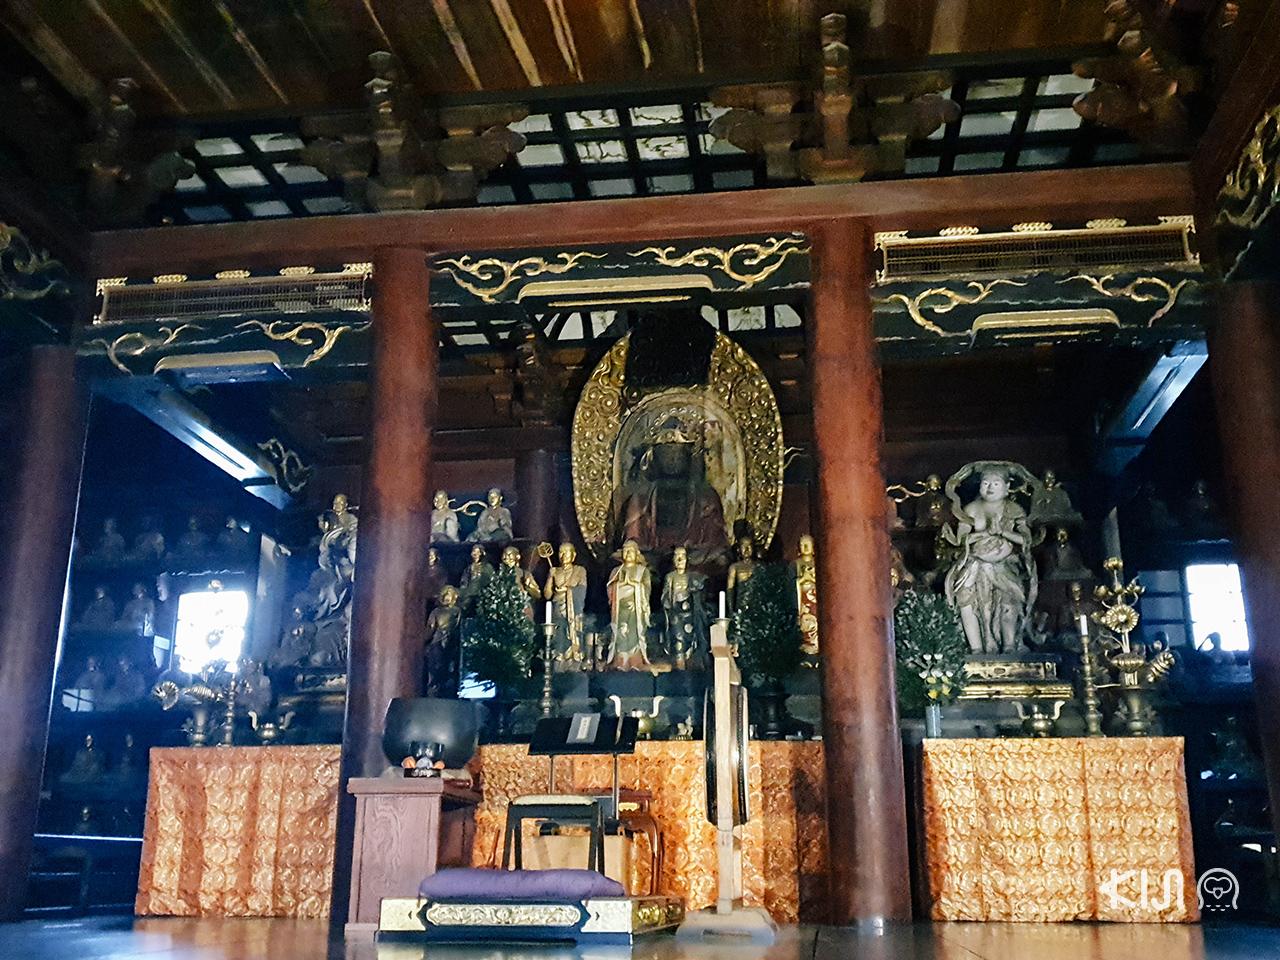 ไหว้พระขอพรที่ โฮออนจิ (Hoonji Temple) ใน โทโฮคุ ช่วง ใบไม้เปลี่ยนสี